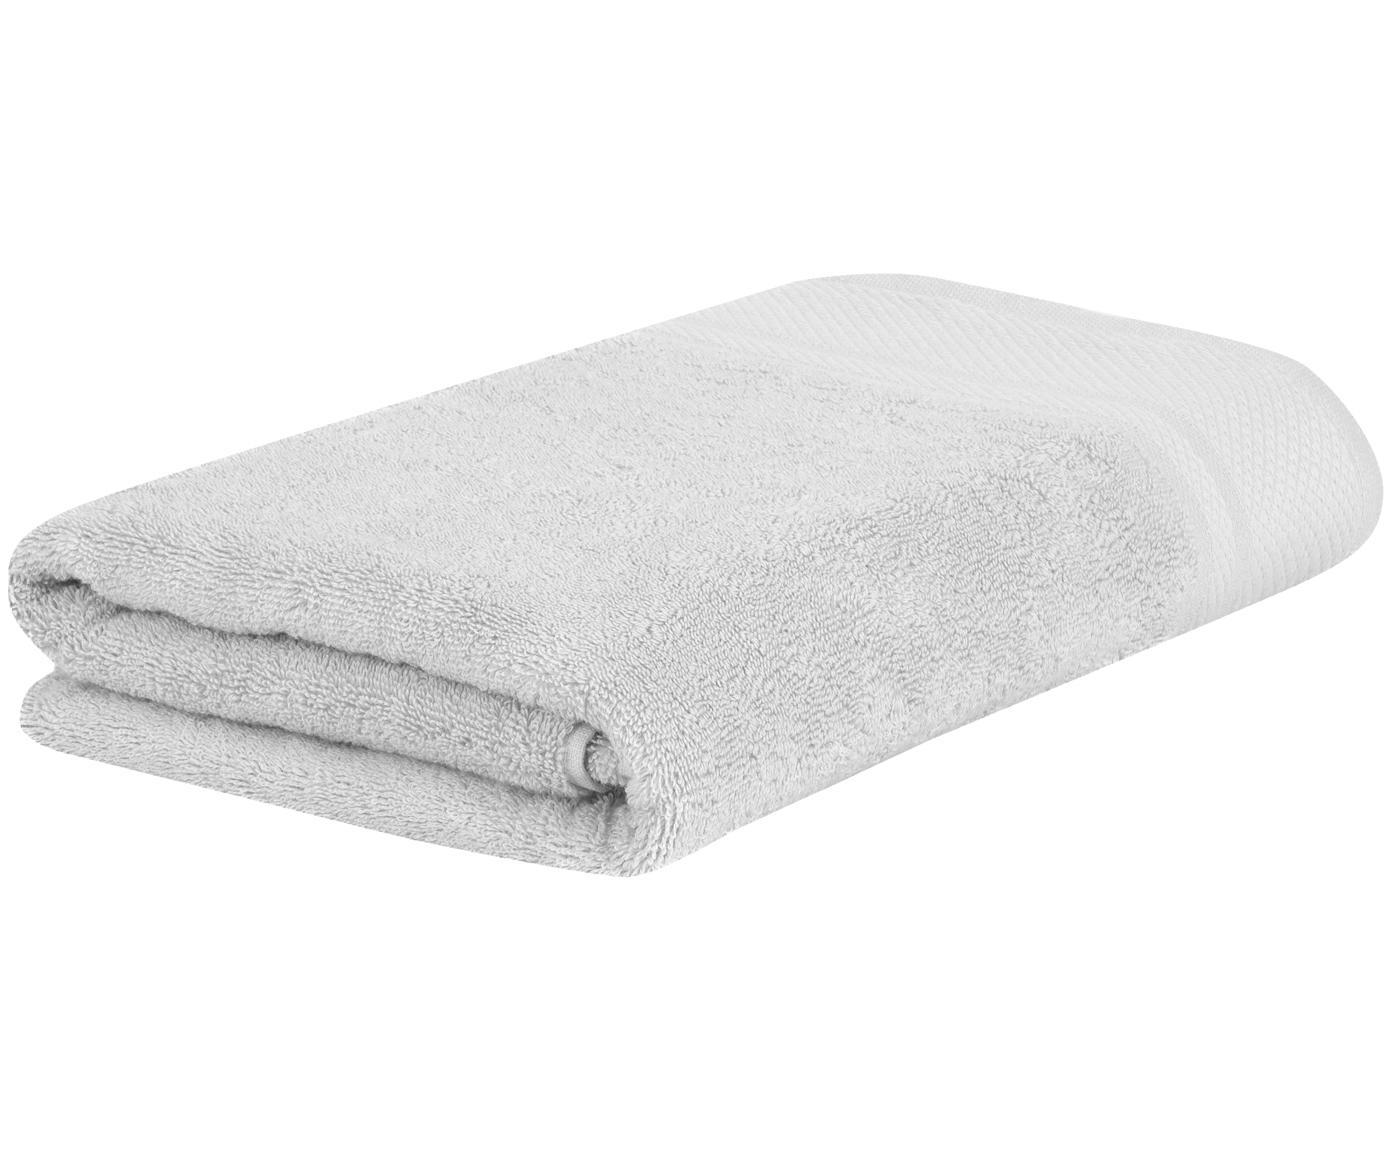 Handdoek Premium, 100% katoen, zware kwaliteit, 600 g/m², Lichtgrijs, XS gastenhanddoek